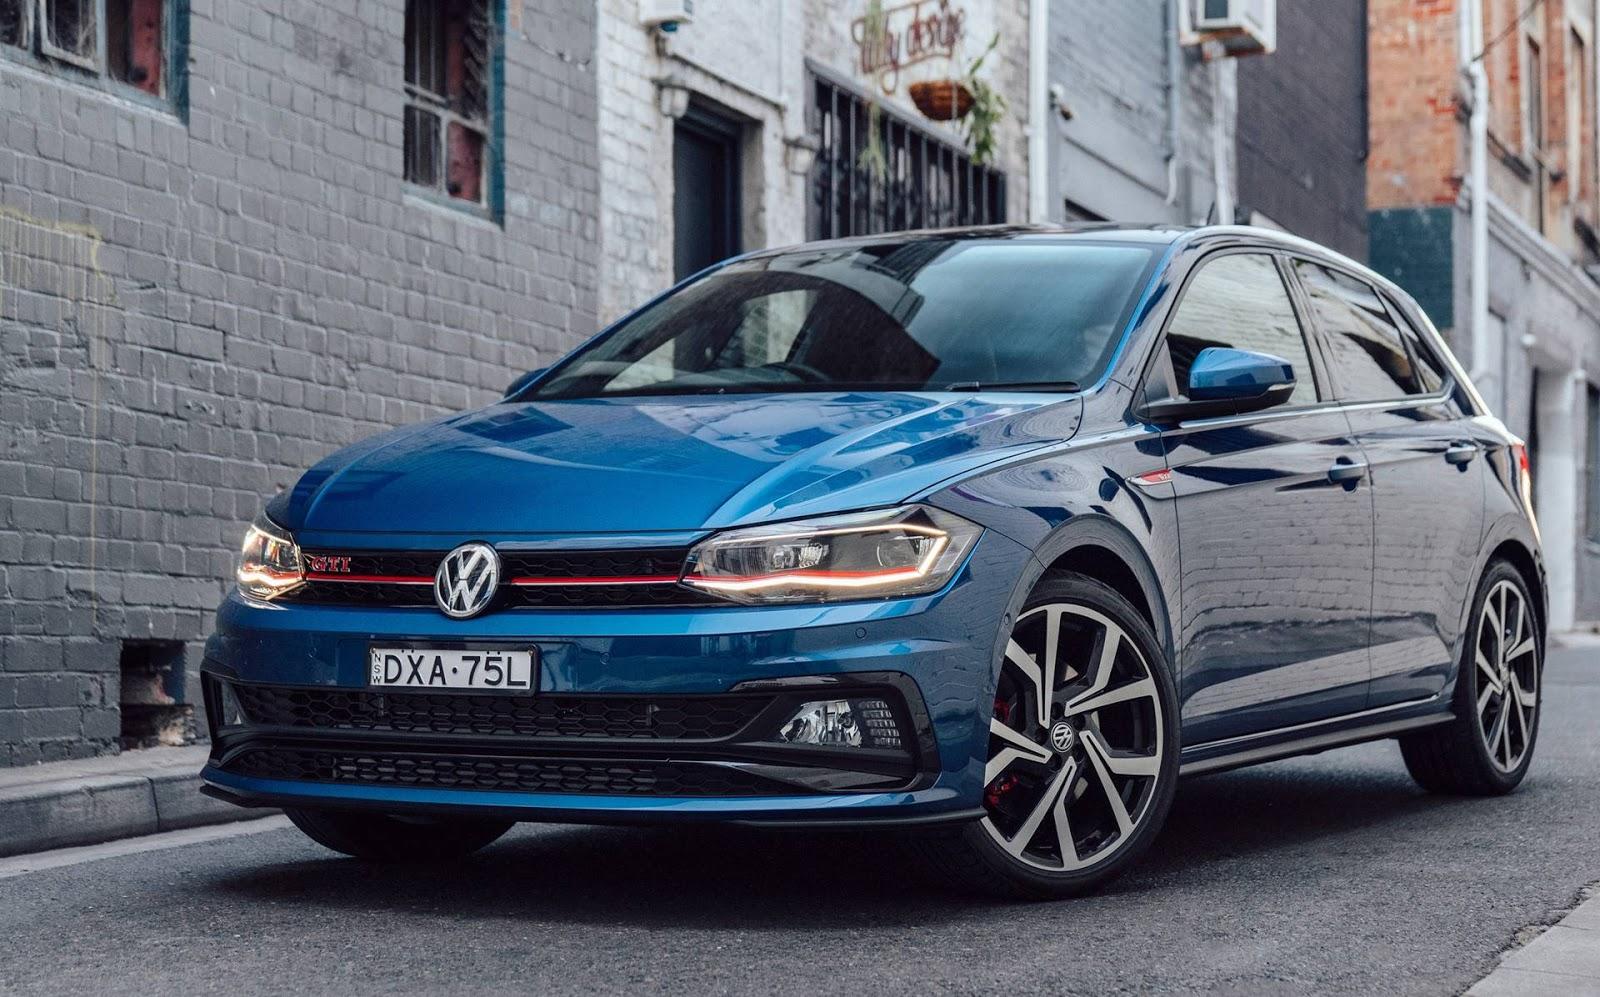 VW Polo GTI 2019 Chega Por R$ 93.400 Reais à Austrália